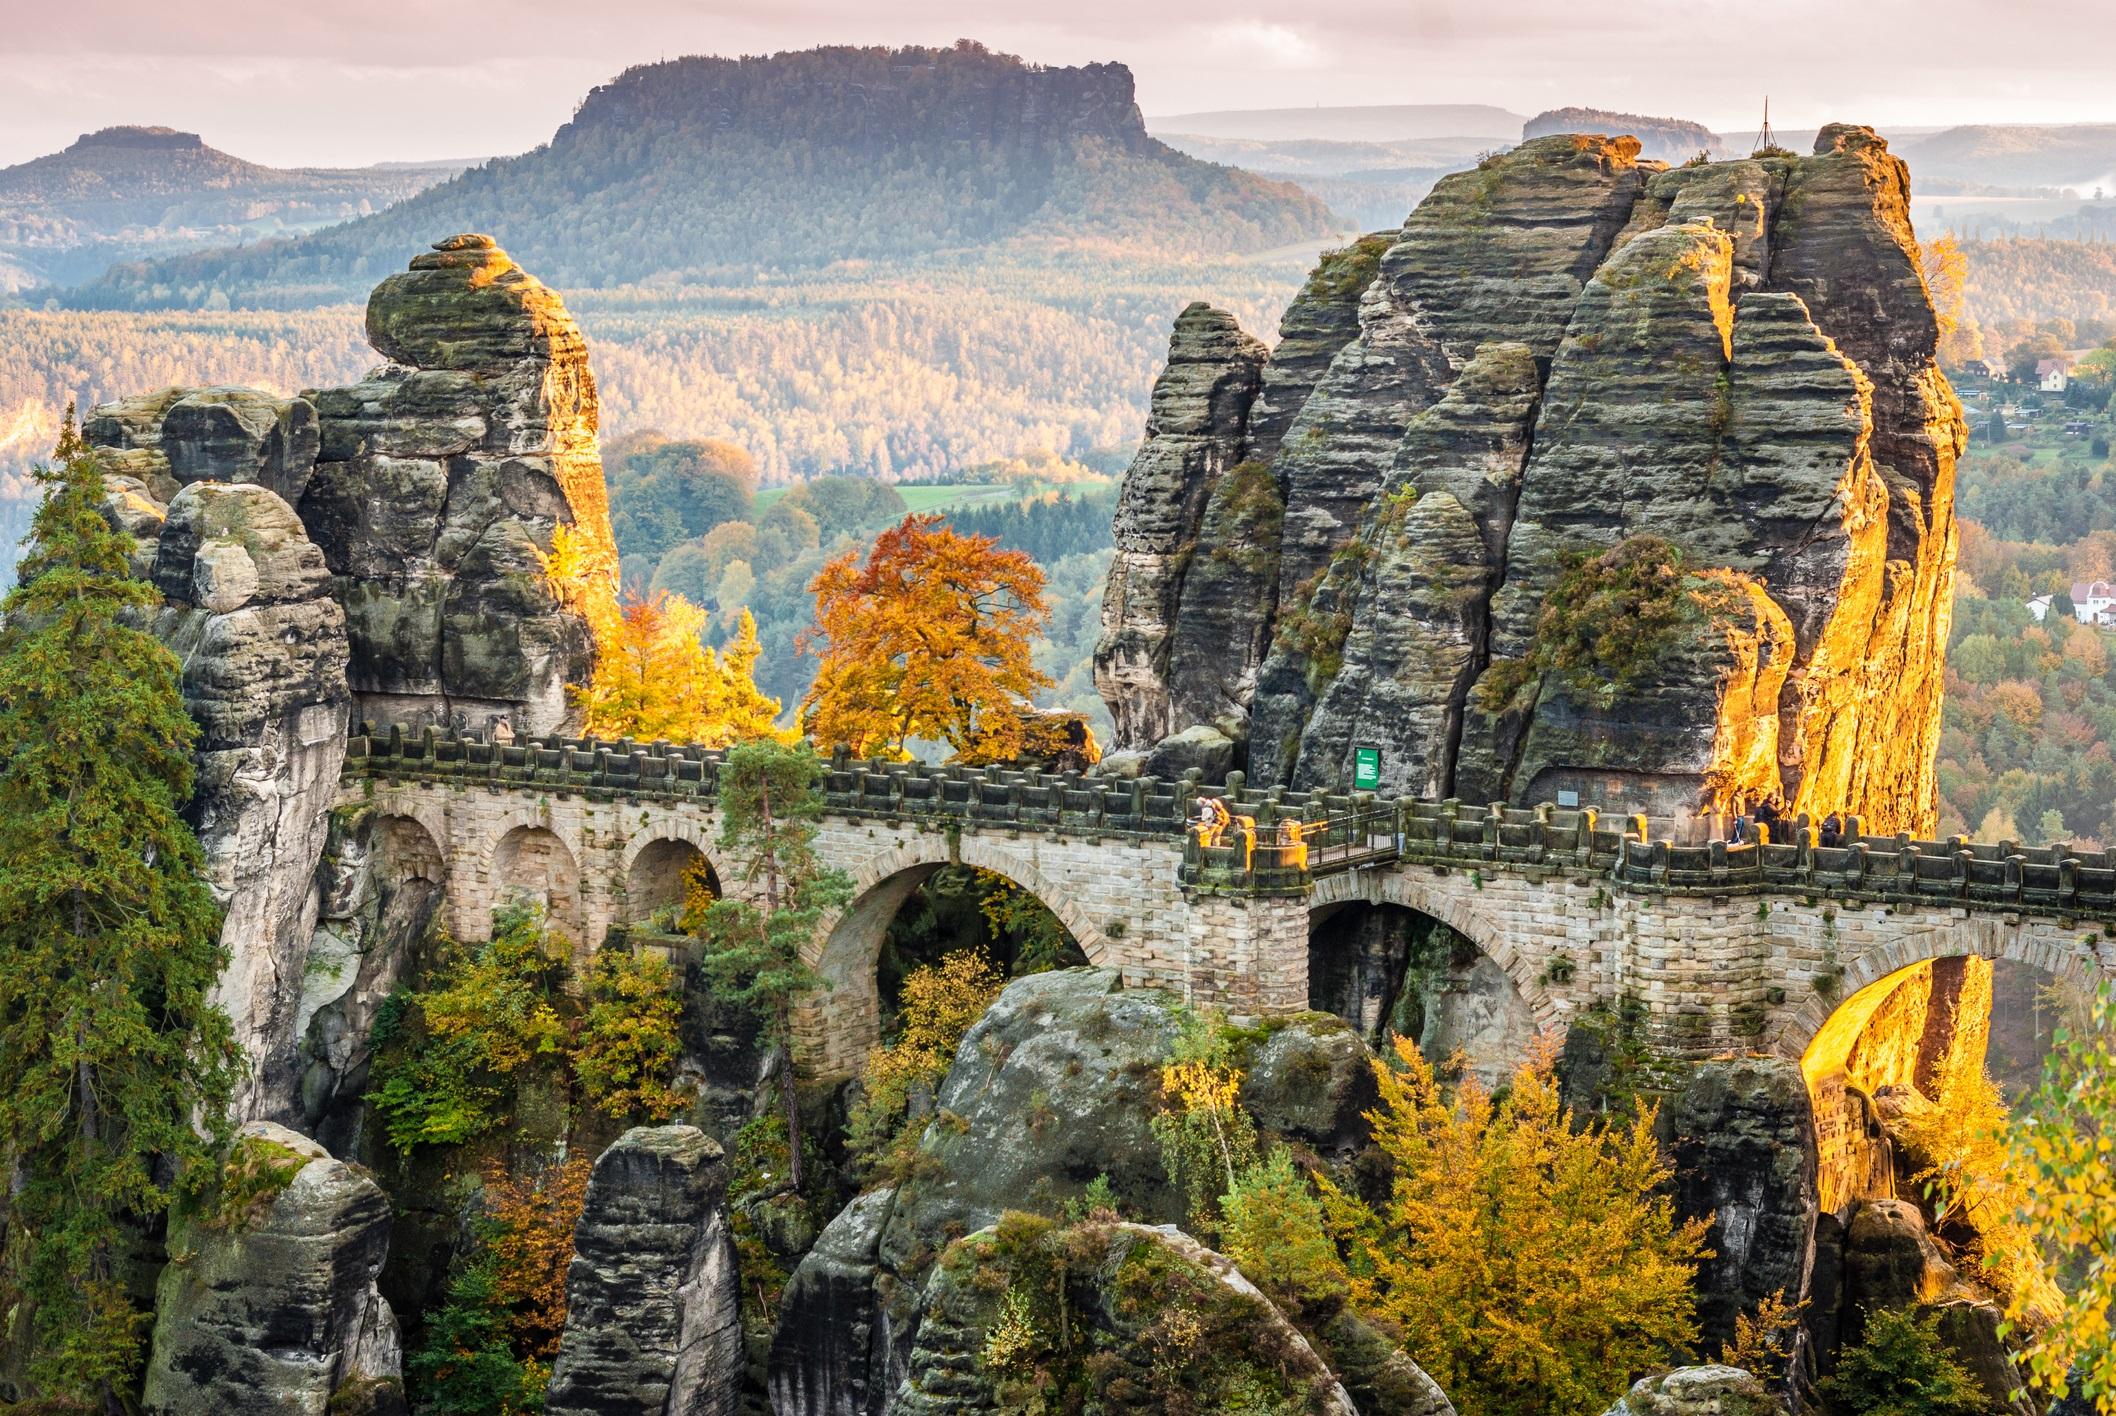 <p><strong>Бастай (Саксония, Германия)</strong></p>  <p>Фотогеничният мост Бастай се намира на около час от оживения град Дрезден, в германския национален парк Saxon Switzerland. Спираща дъха структура от пясъчник с панорамна гледка към река Елба, сегашният мост е построен през 1851 г.</p>